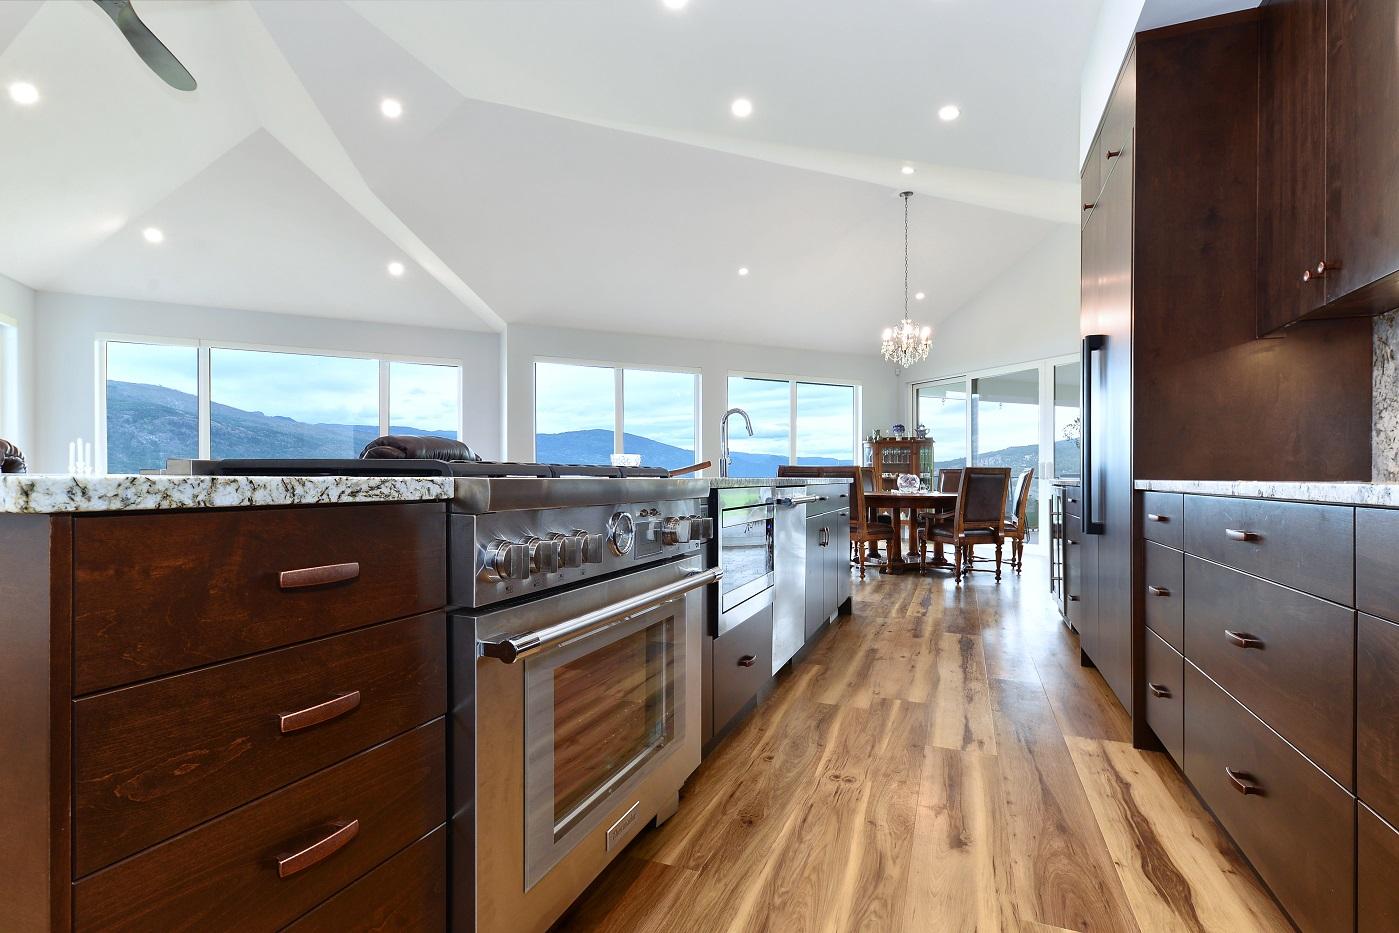 kitchen feature 2